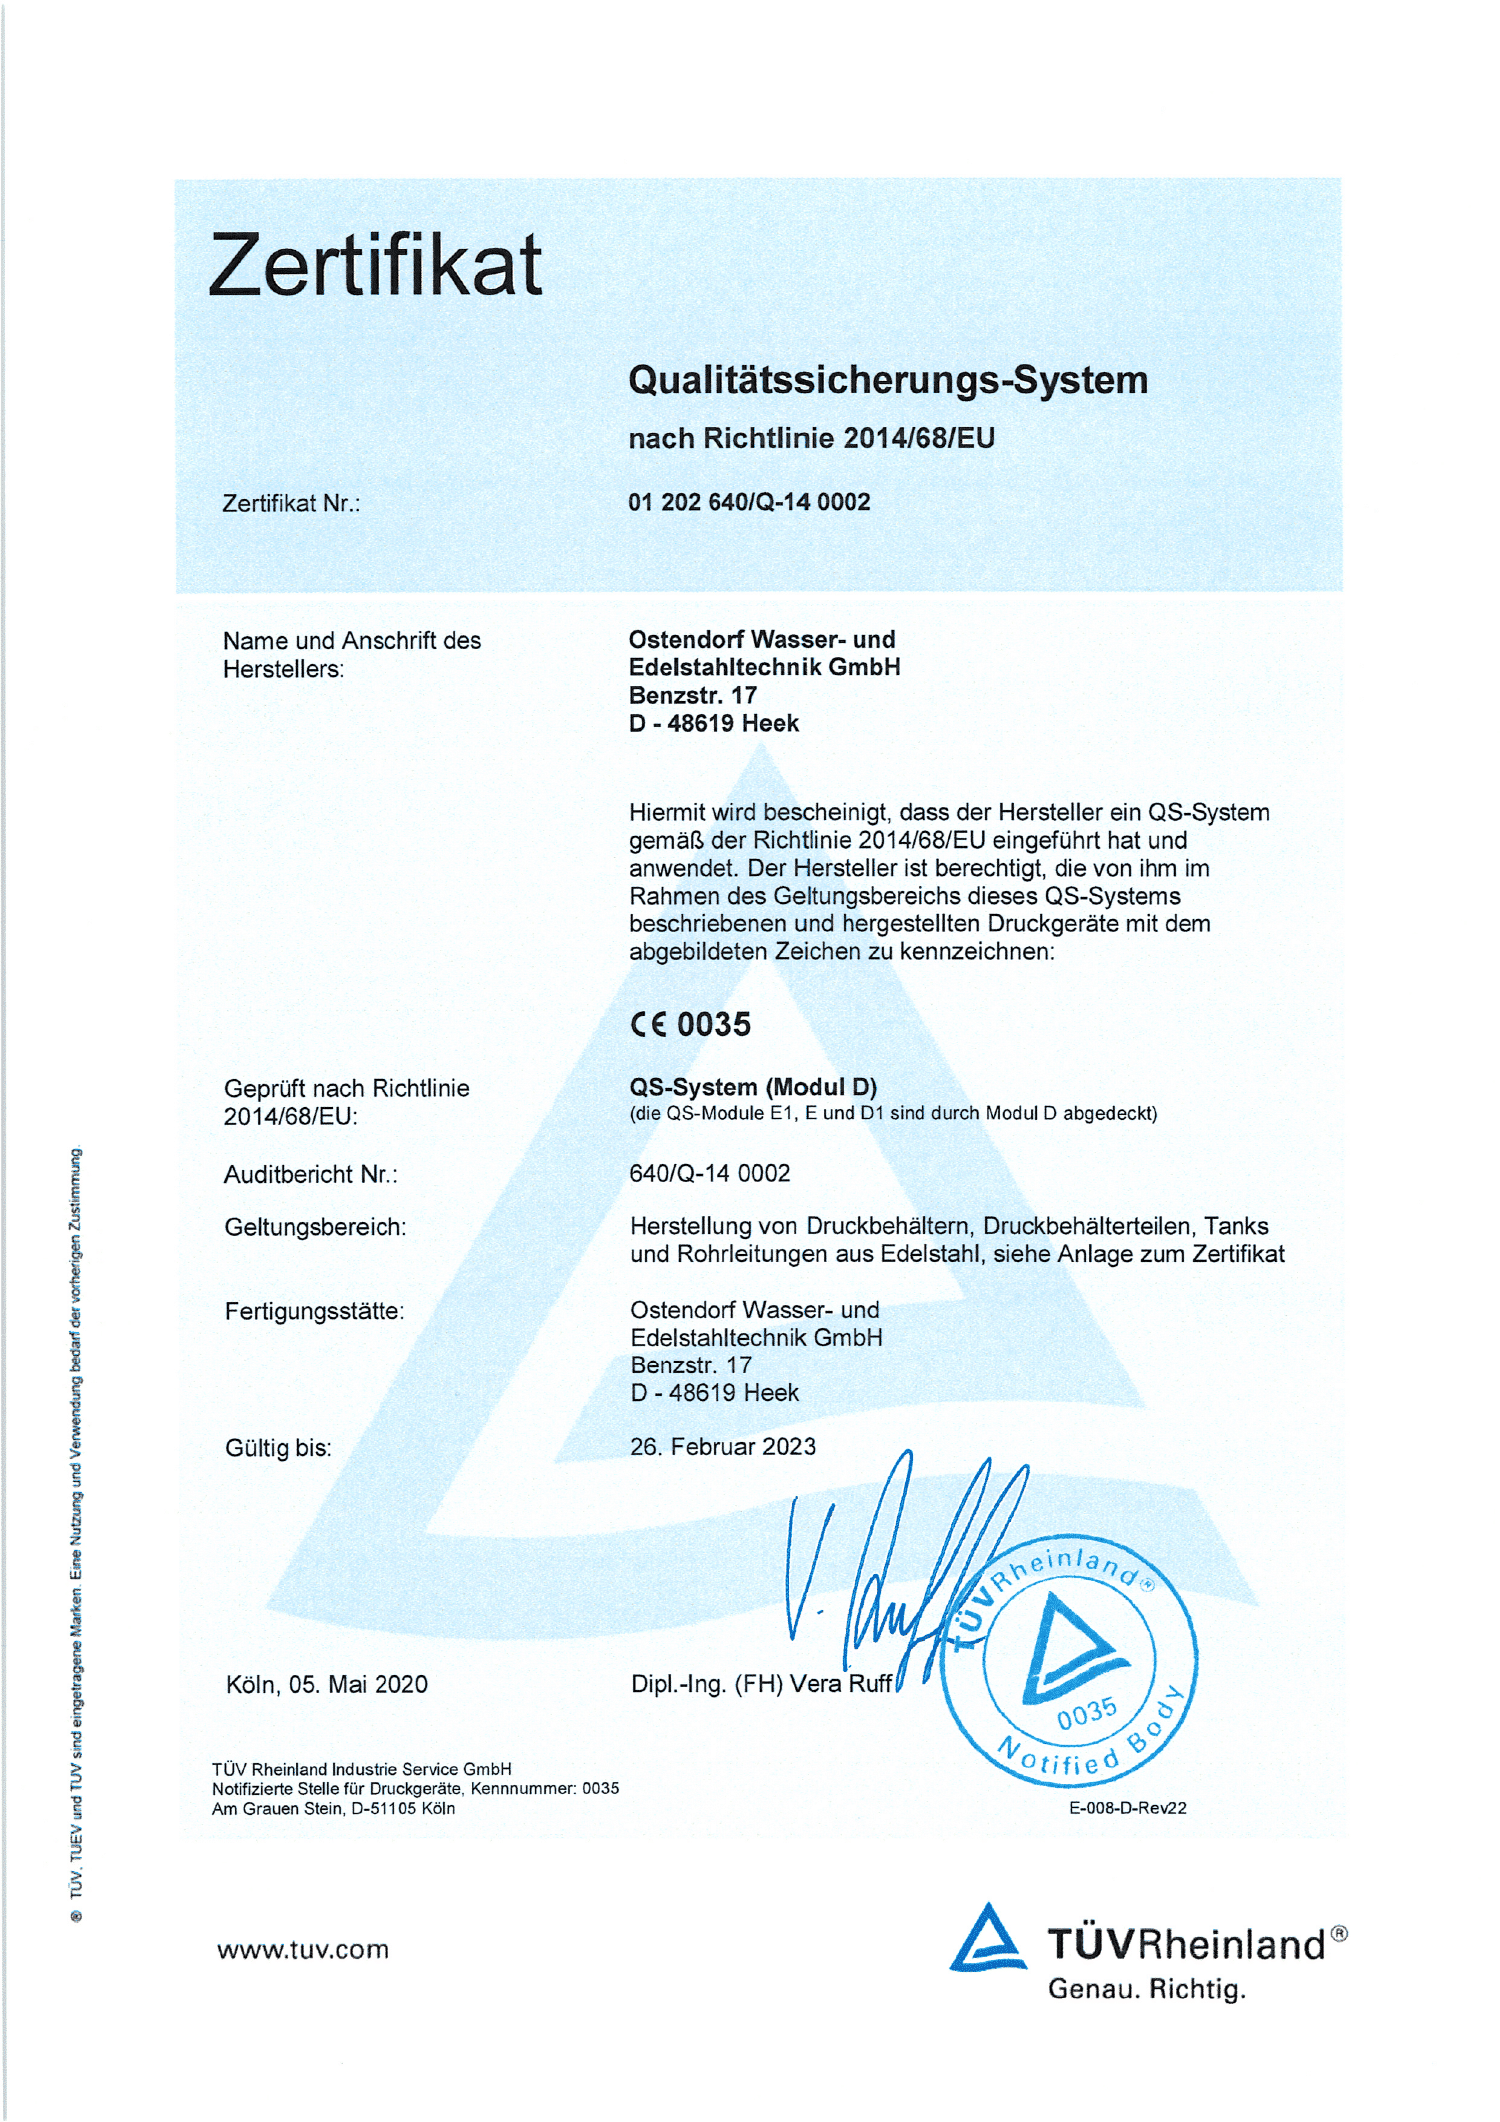 Qualitätssicherungs-System nach Richtlinie 2014:68:EU